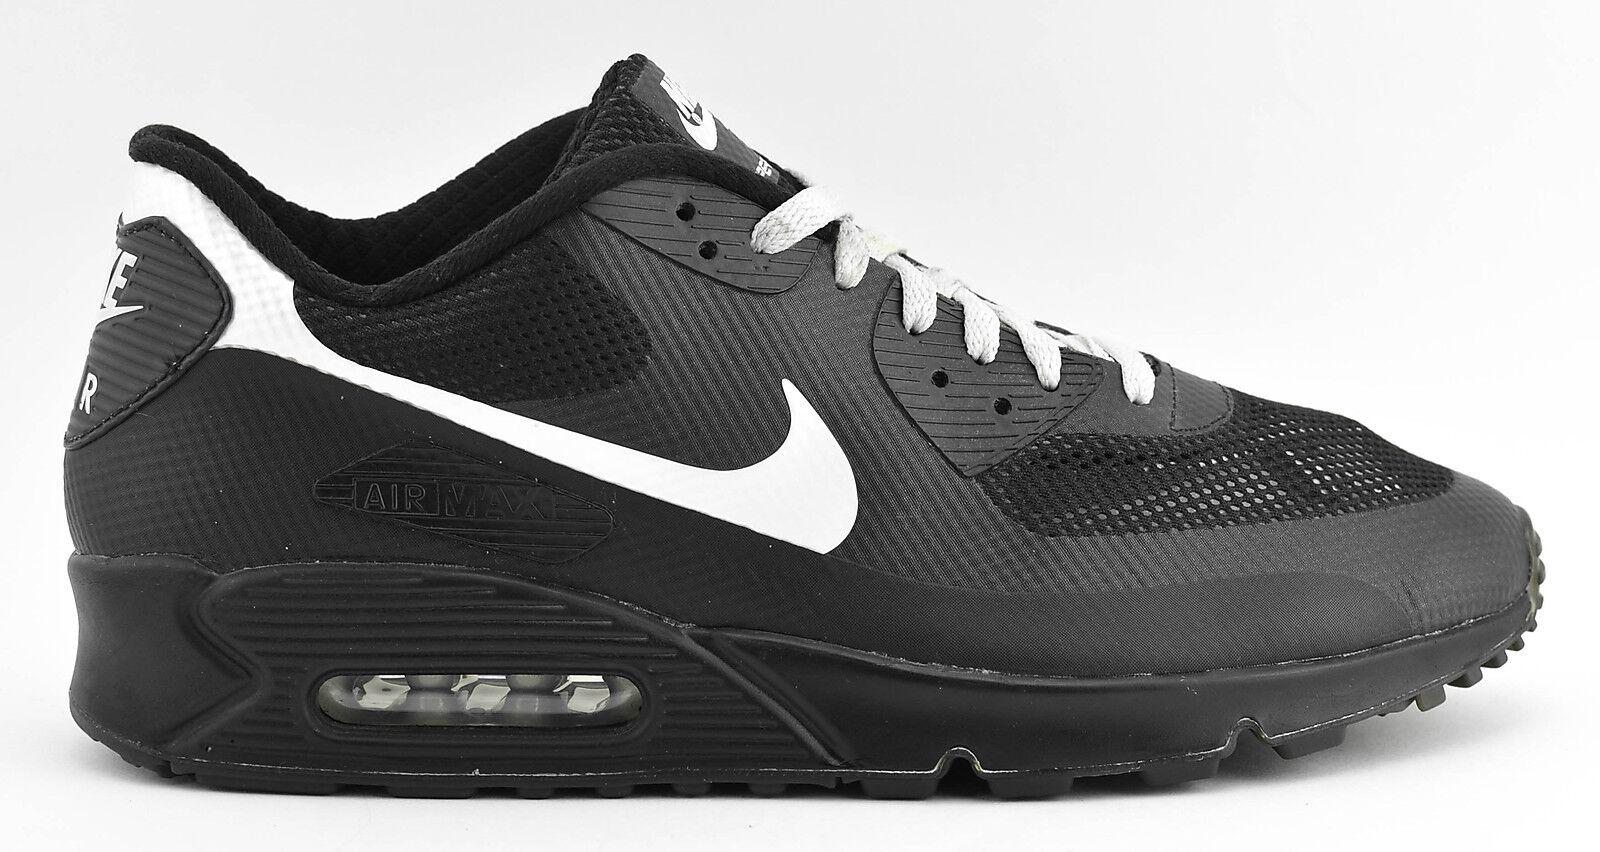 Nike air max 90 hyperfuse premium - schuhe der 488033 größe 12 schwarz - weiß - 488033 der 7244fb